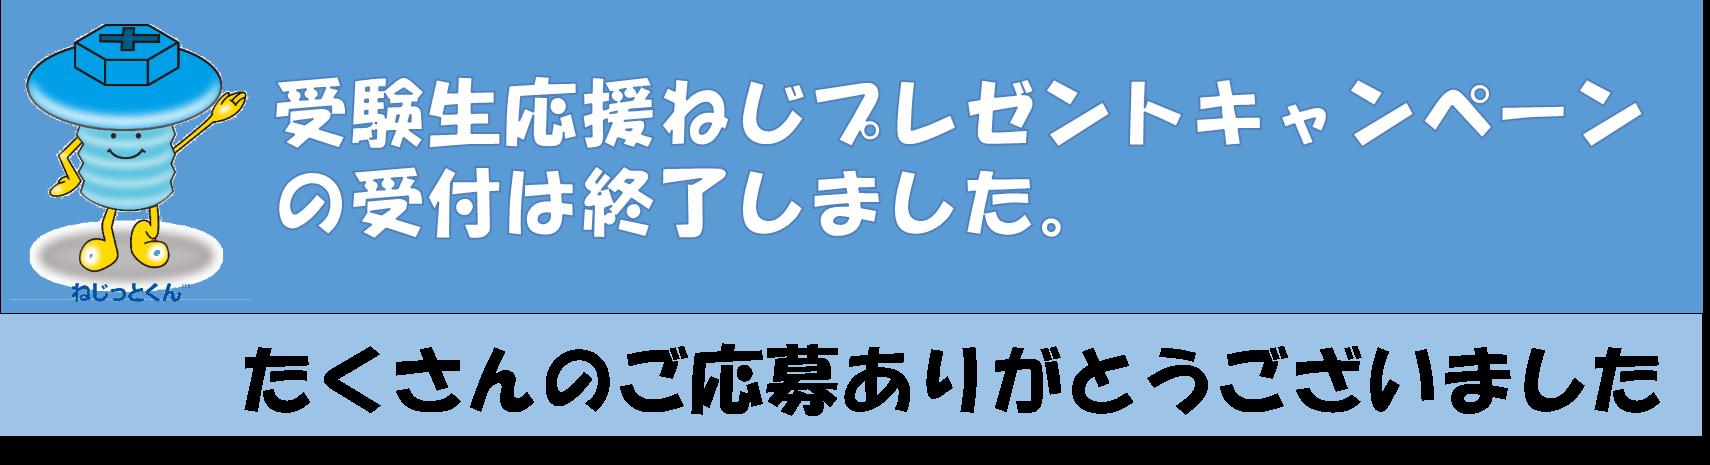 jyukensei_yurumidome_banner5.png